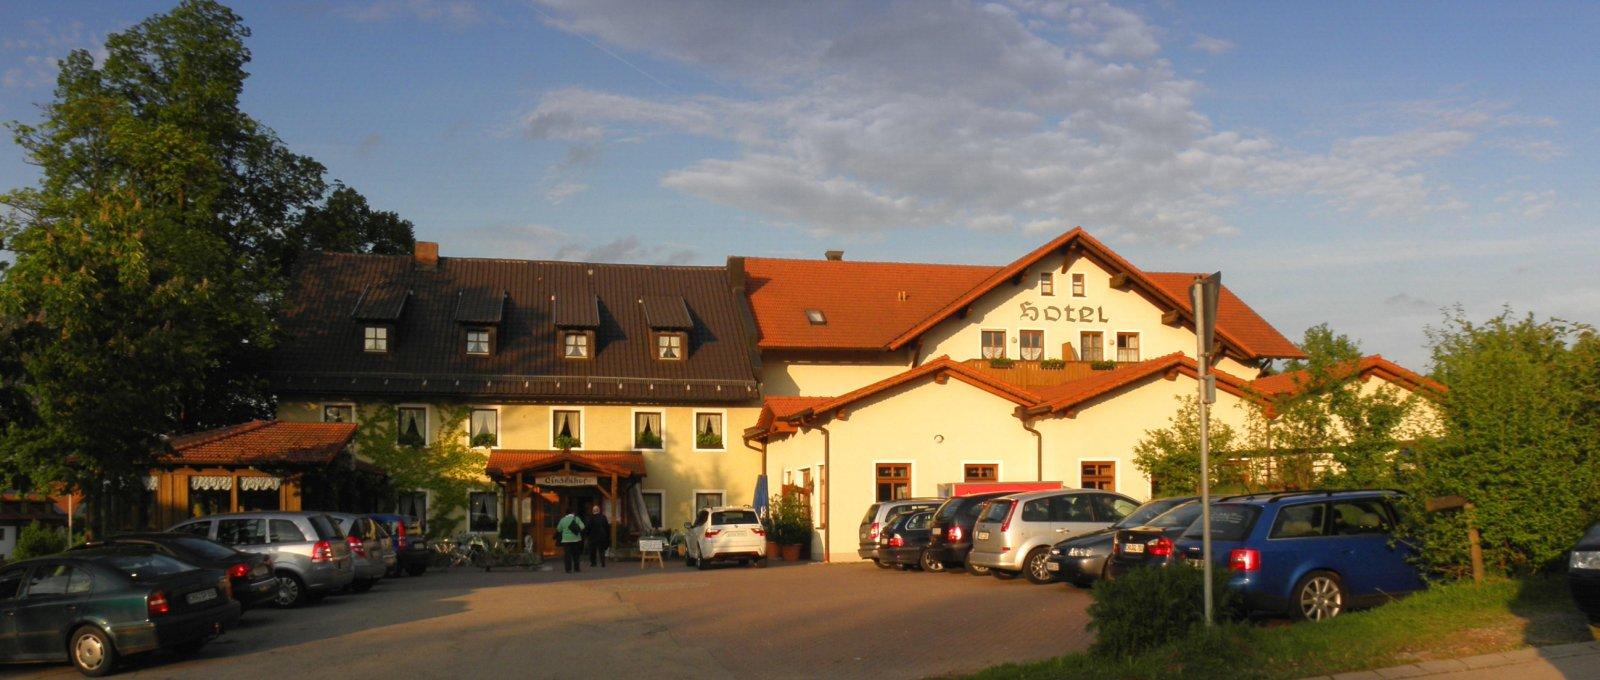 Hotel Lindenhof in Hetzenbach – Kontakt